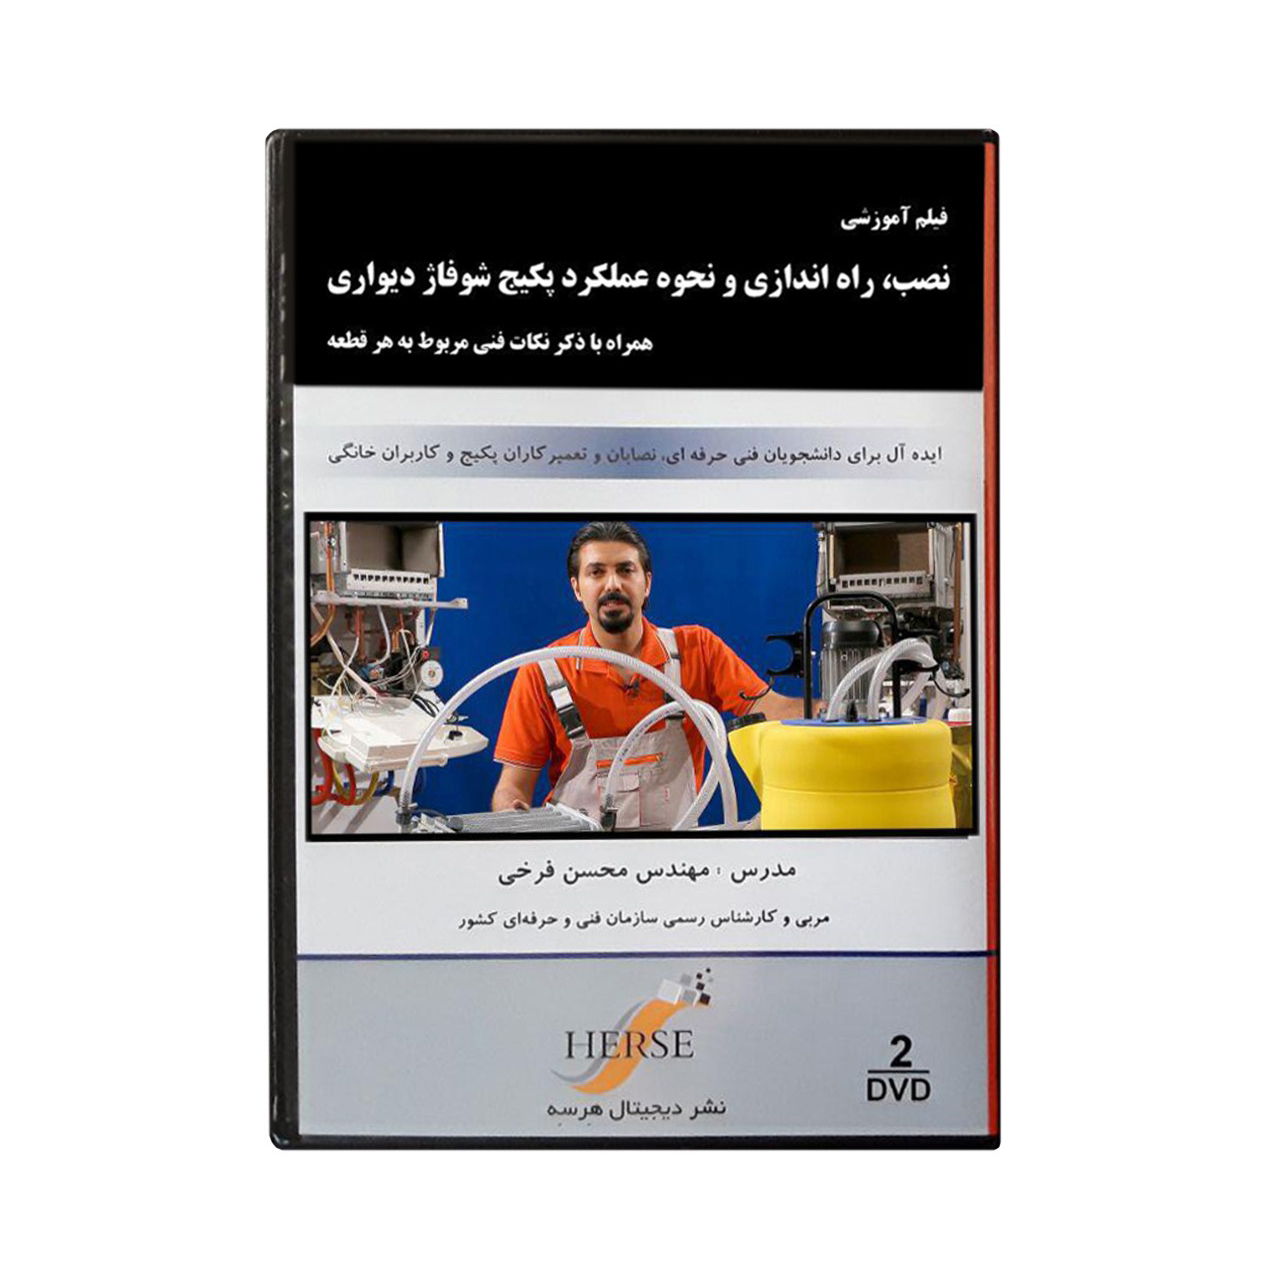 آموزش نصب و راه اندازی پکیج شوفاژ دیواری نشر هرسه